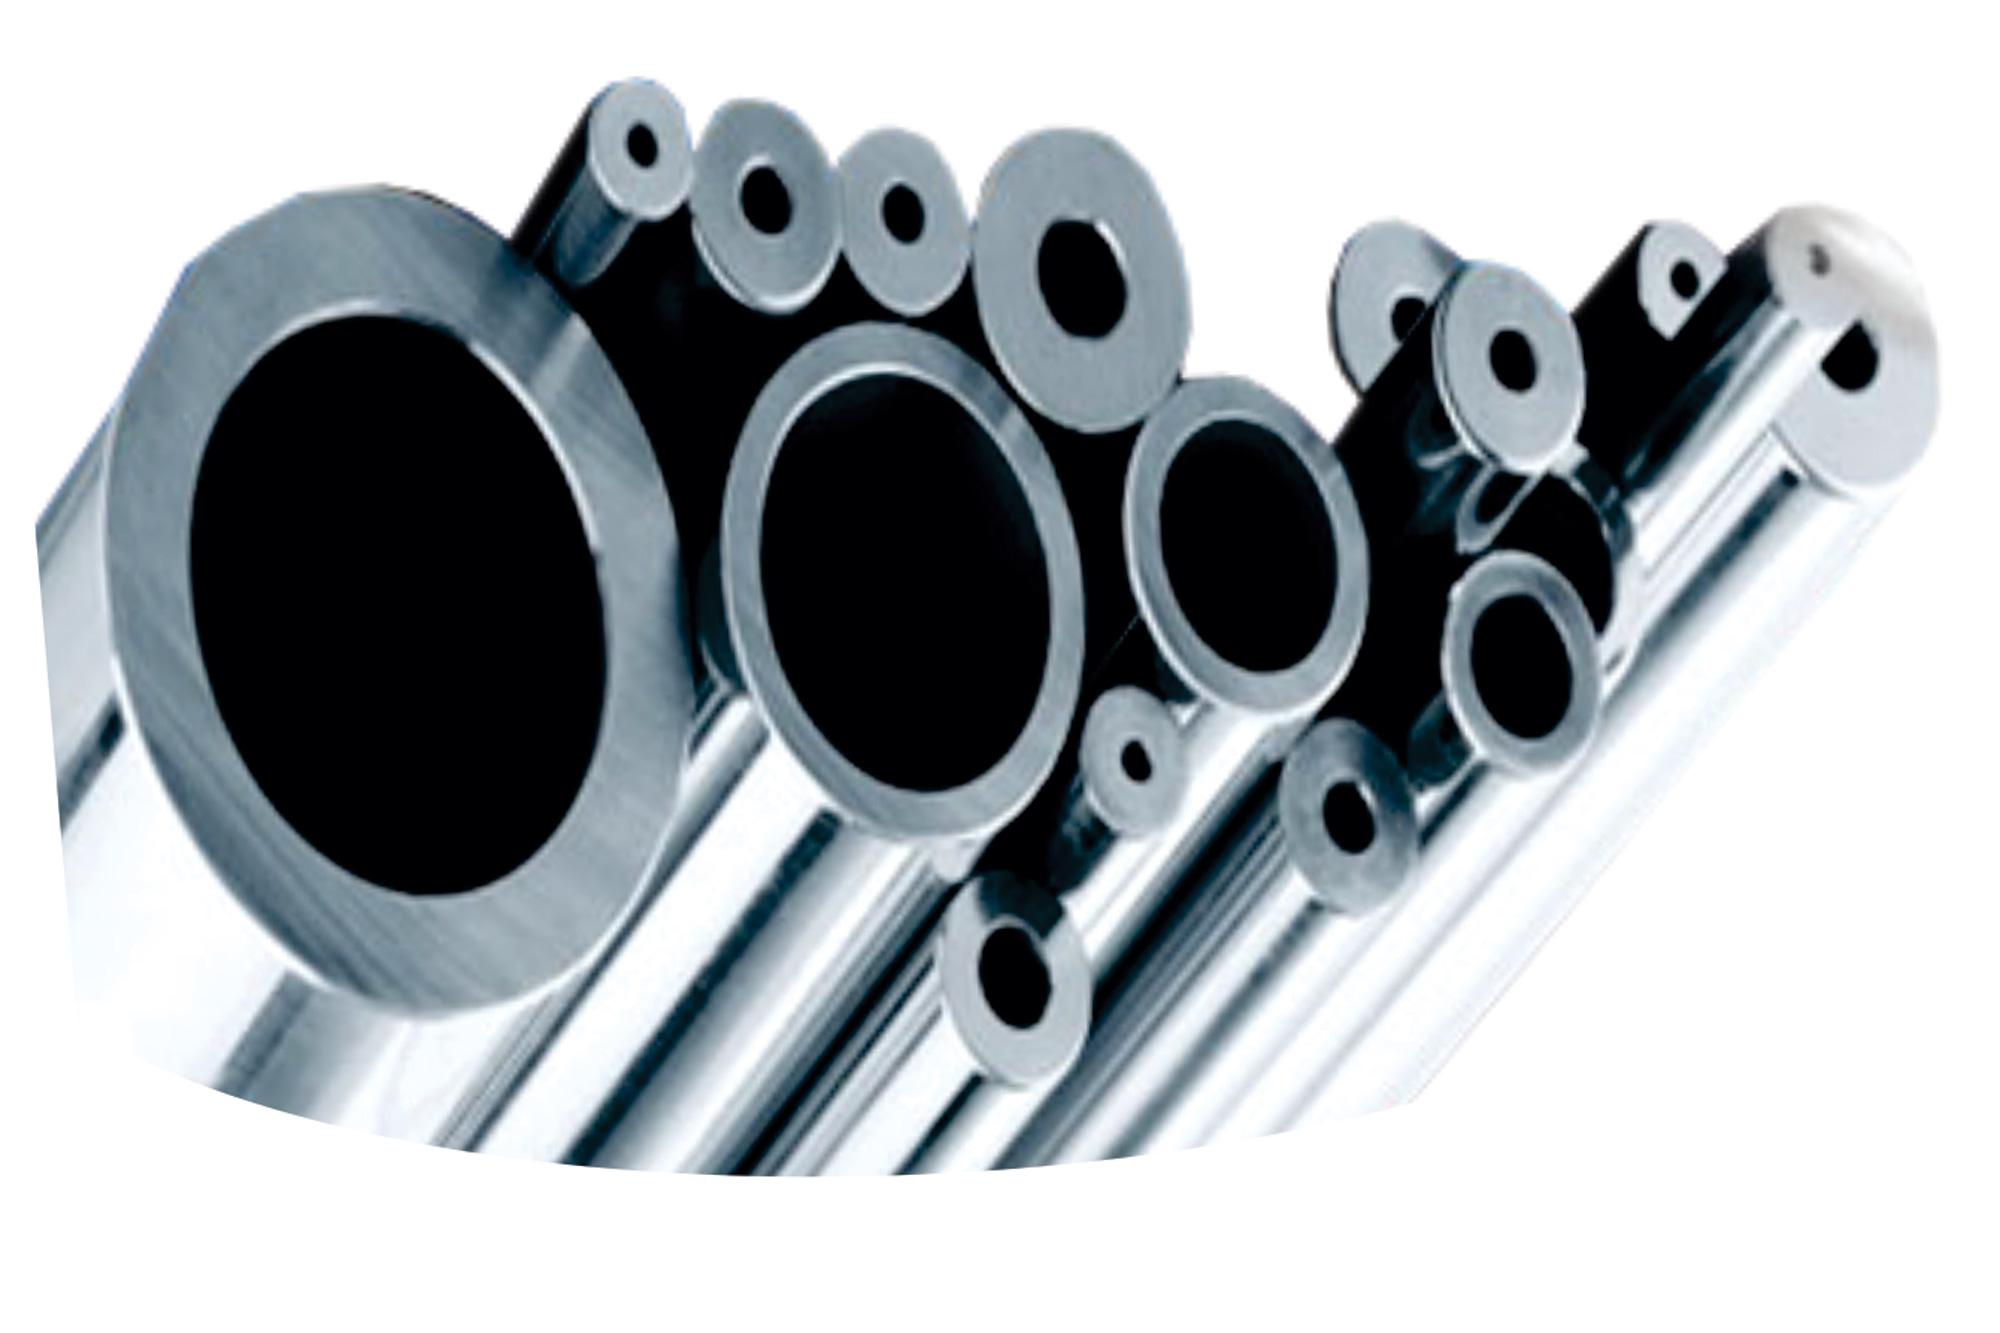 Suraj's pipes & tubes reach more than 70 countries